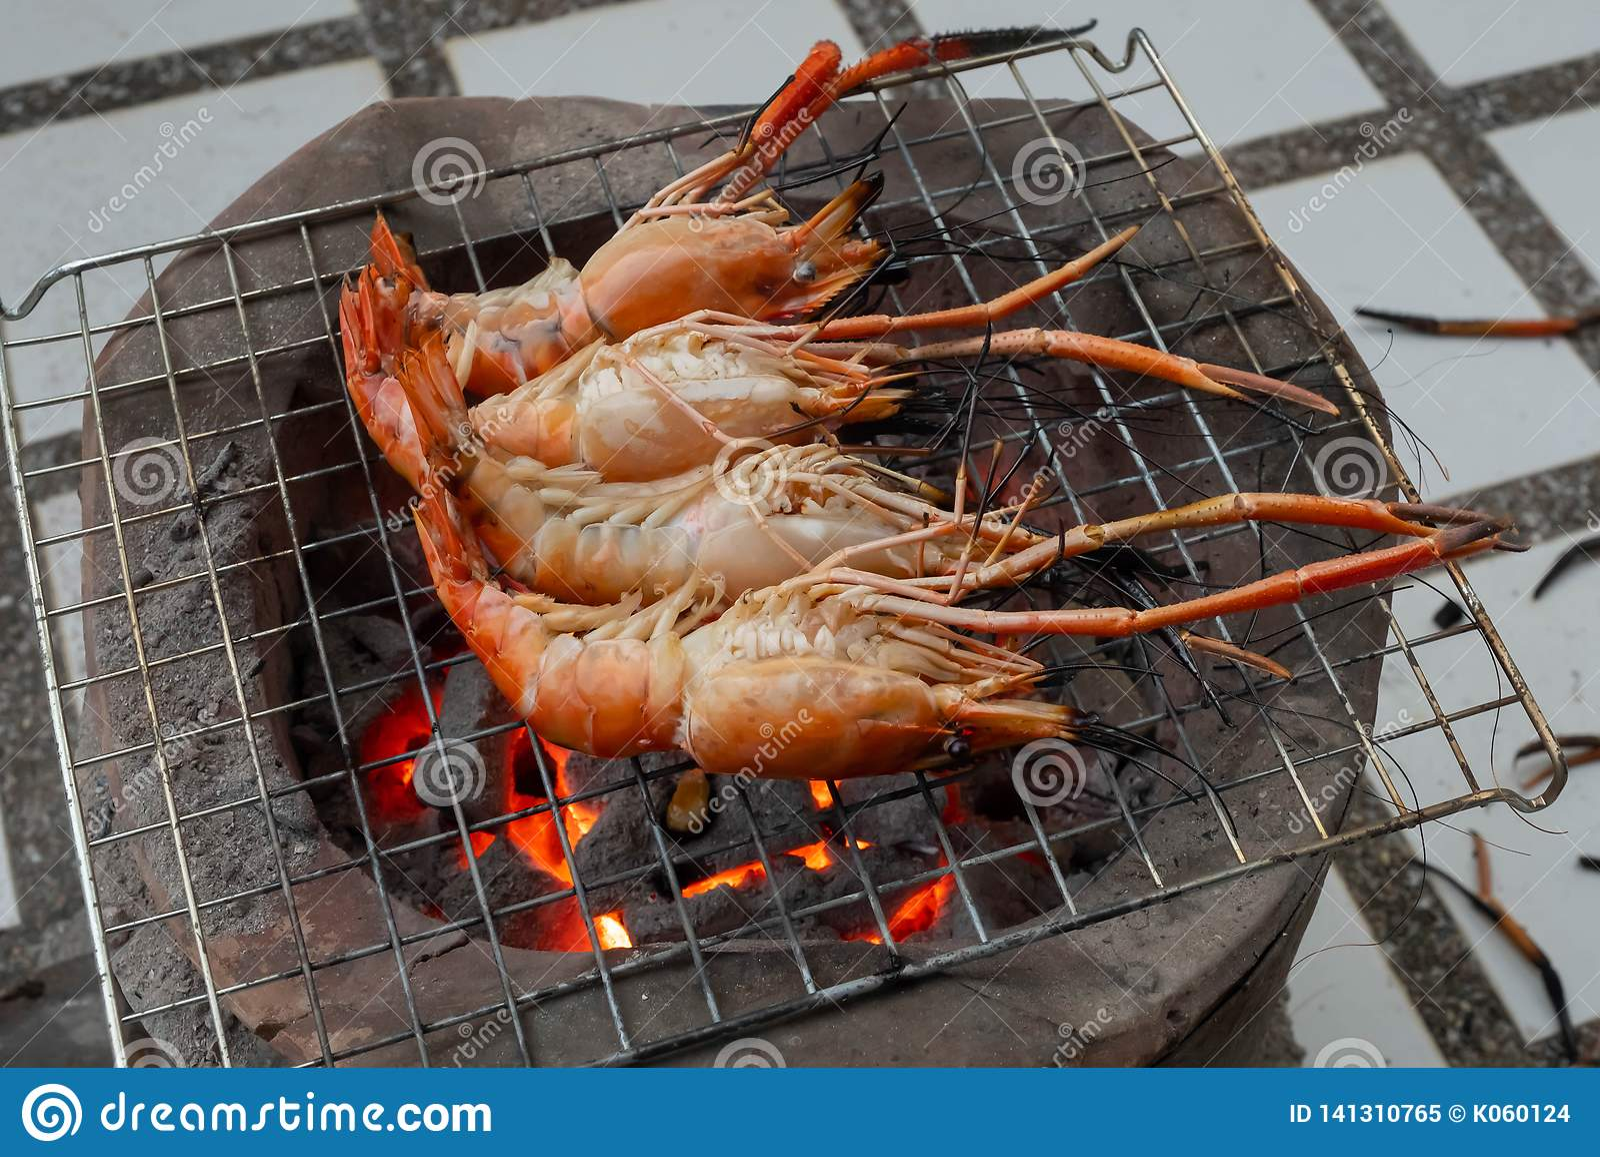 Camarão grelhado no fogo